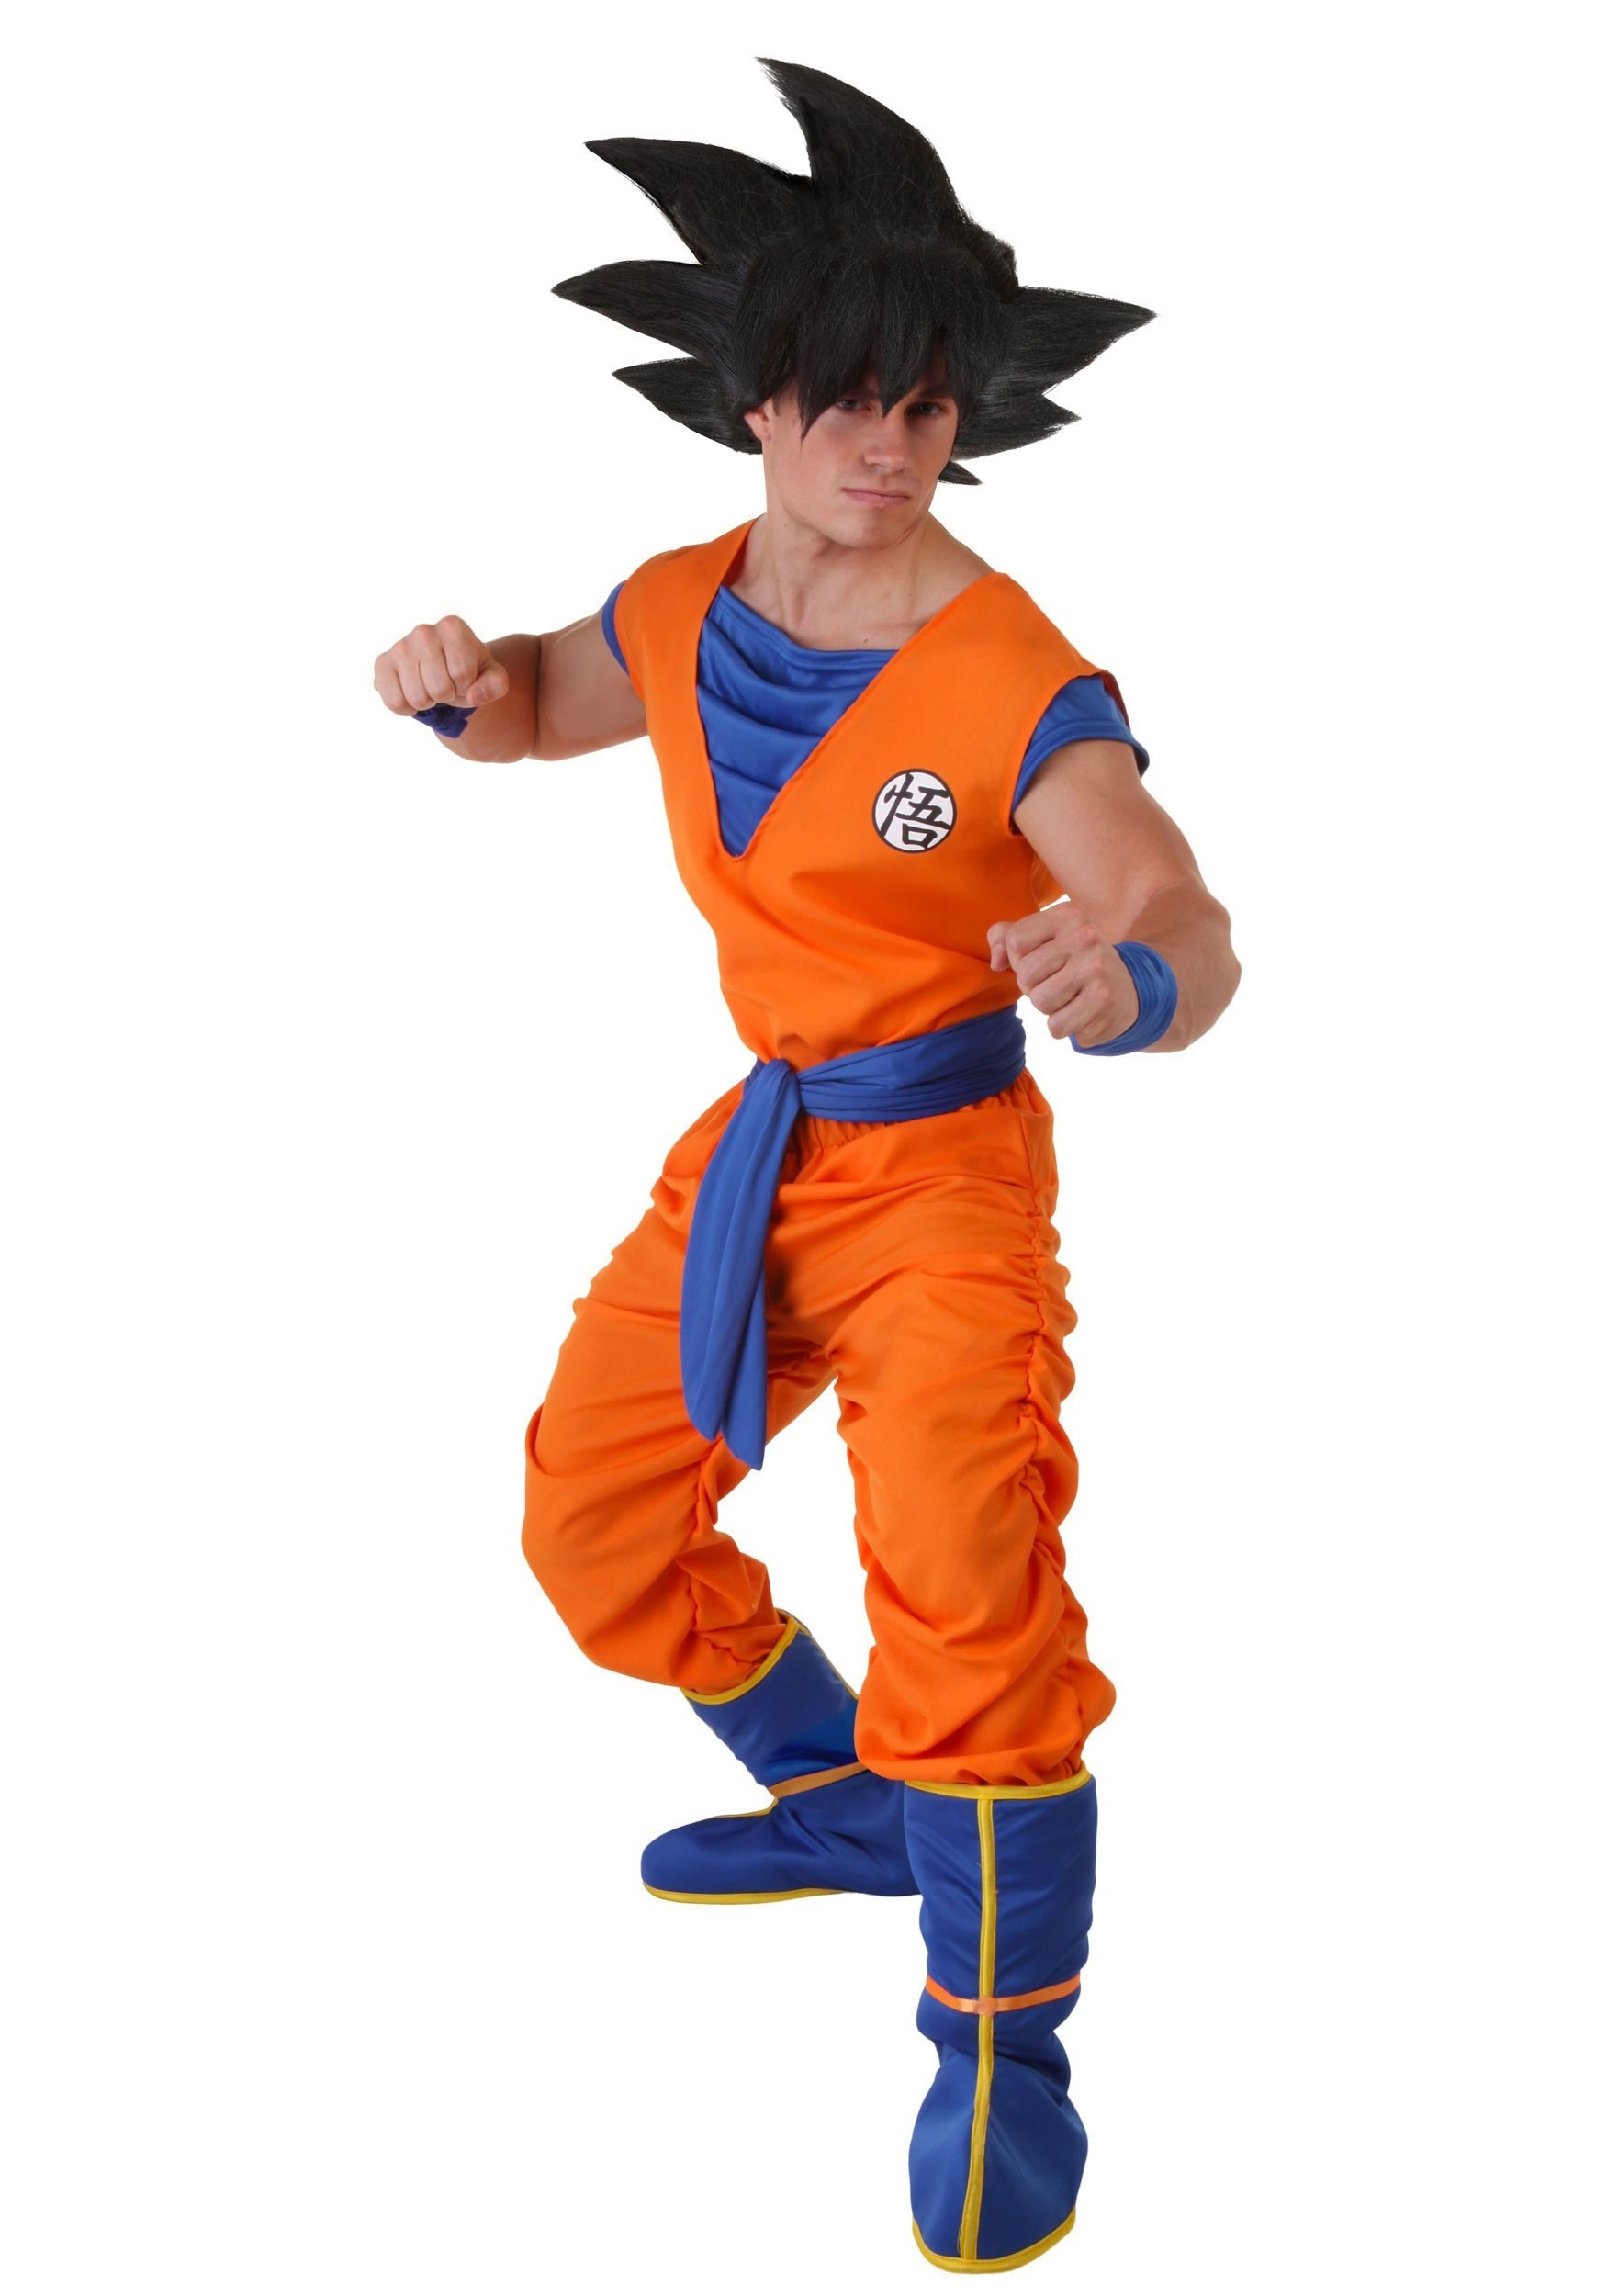 Dragon Ball Z Goku Costume for Adults